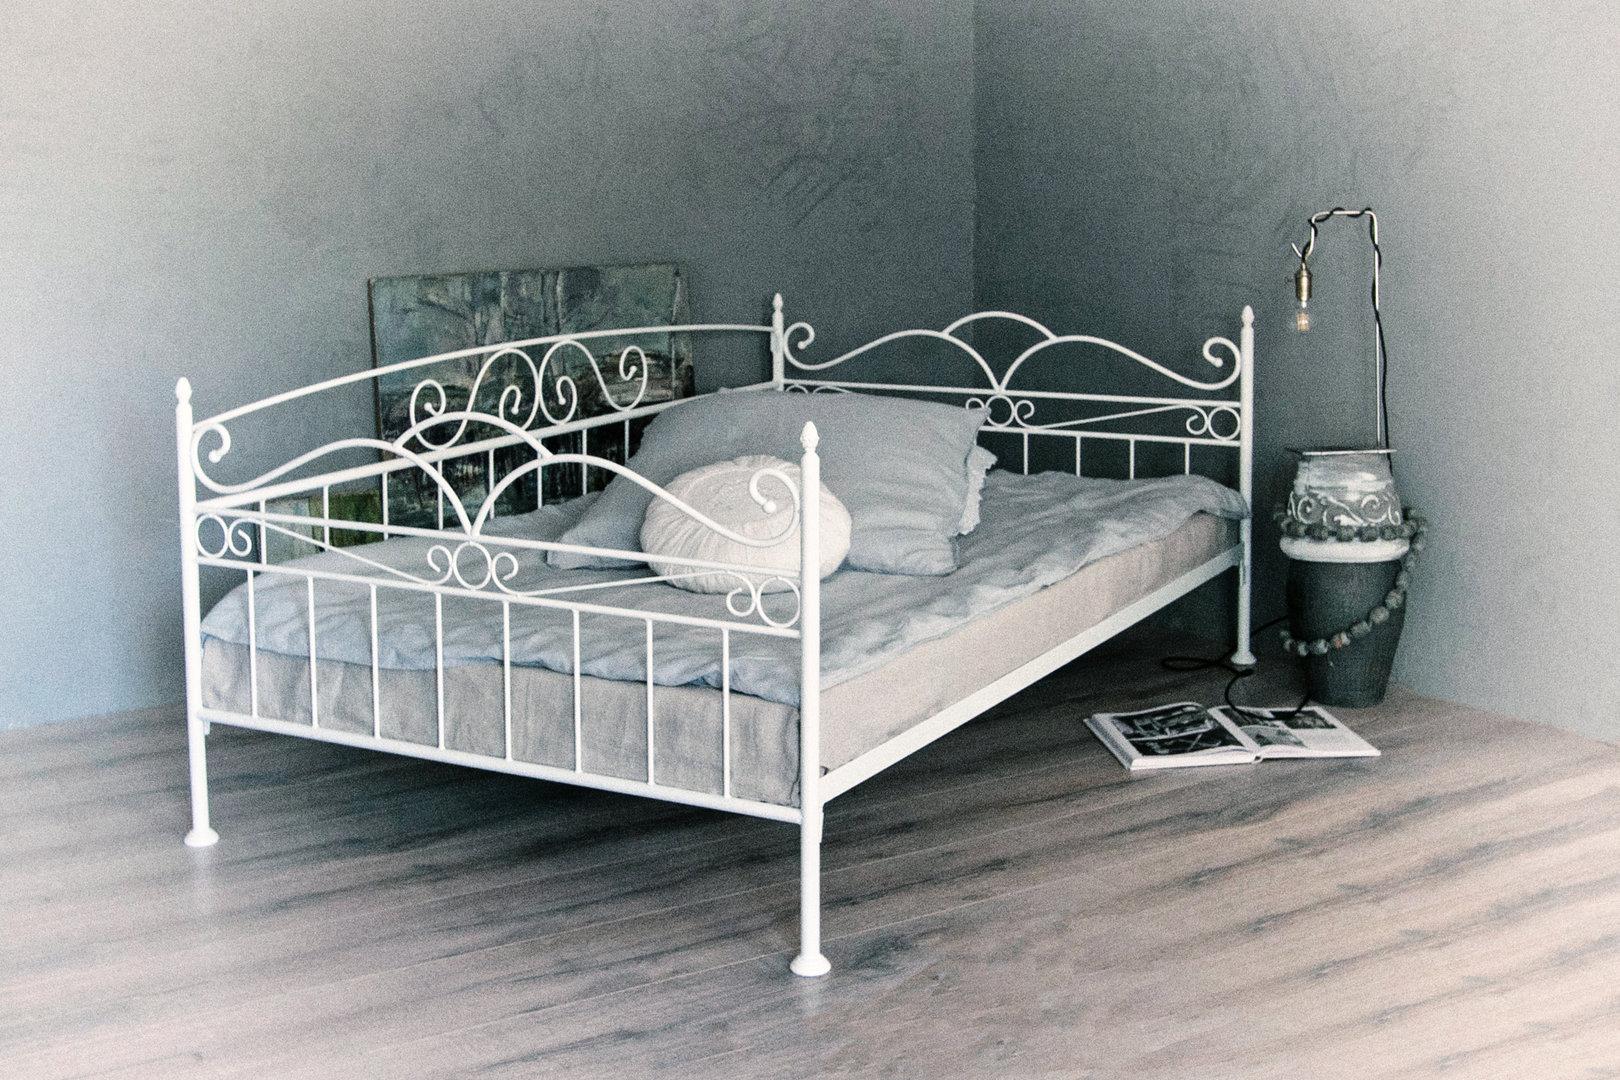 Full Size of Trend Sofa Bett 120x200 In Weiss Ecru Transparent Kupfer Betten München Badewanne Bette Mit Rückenlehne Topper Lattenrost 180x200 Weiß Bambus 160x200 Und Bett Bett Vintage